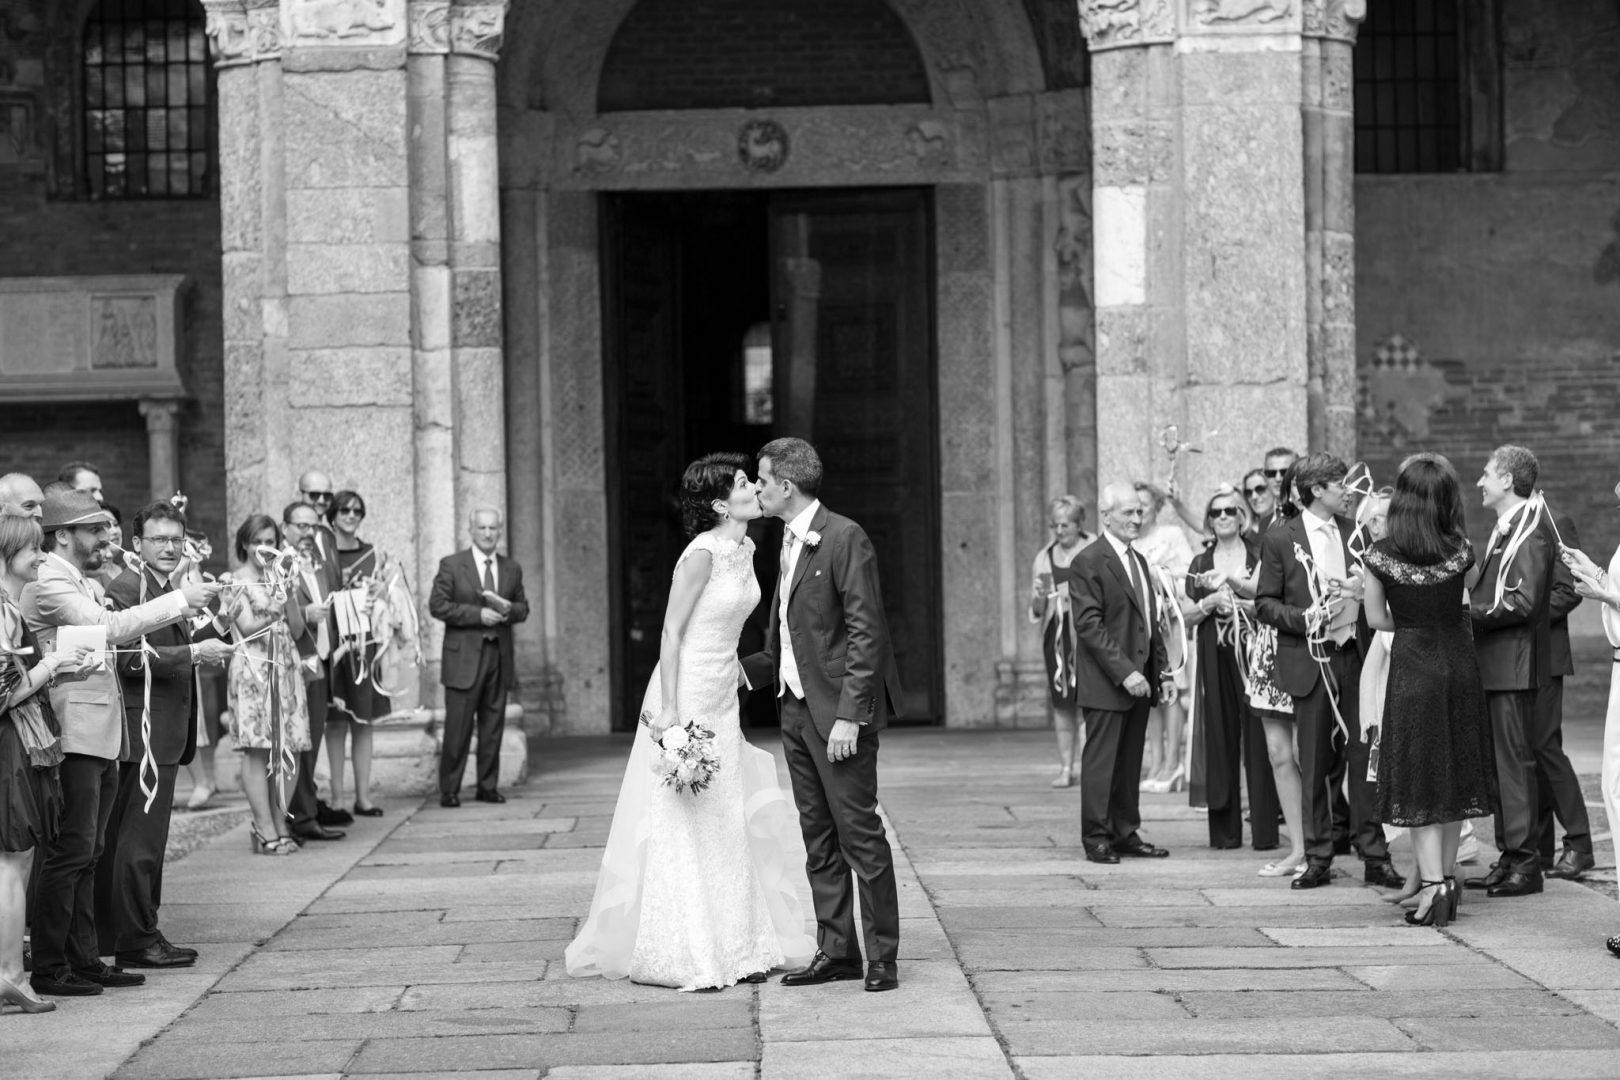 Fotografo Migliori Matrimoni a Milano Reportage di Nozze in Stile Fotogiornalistico